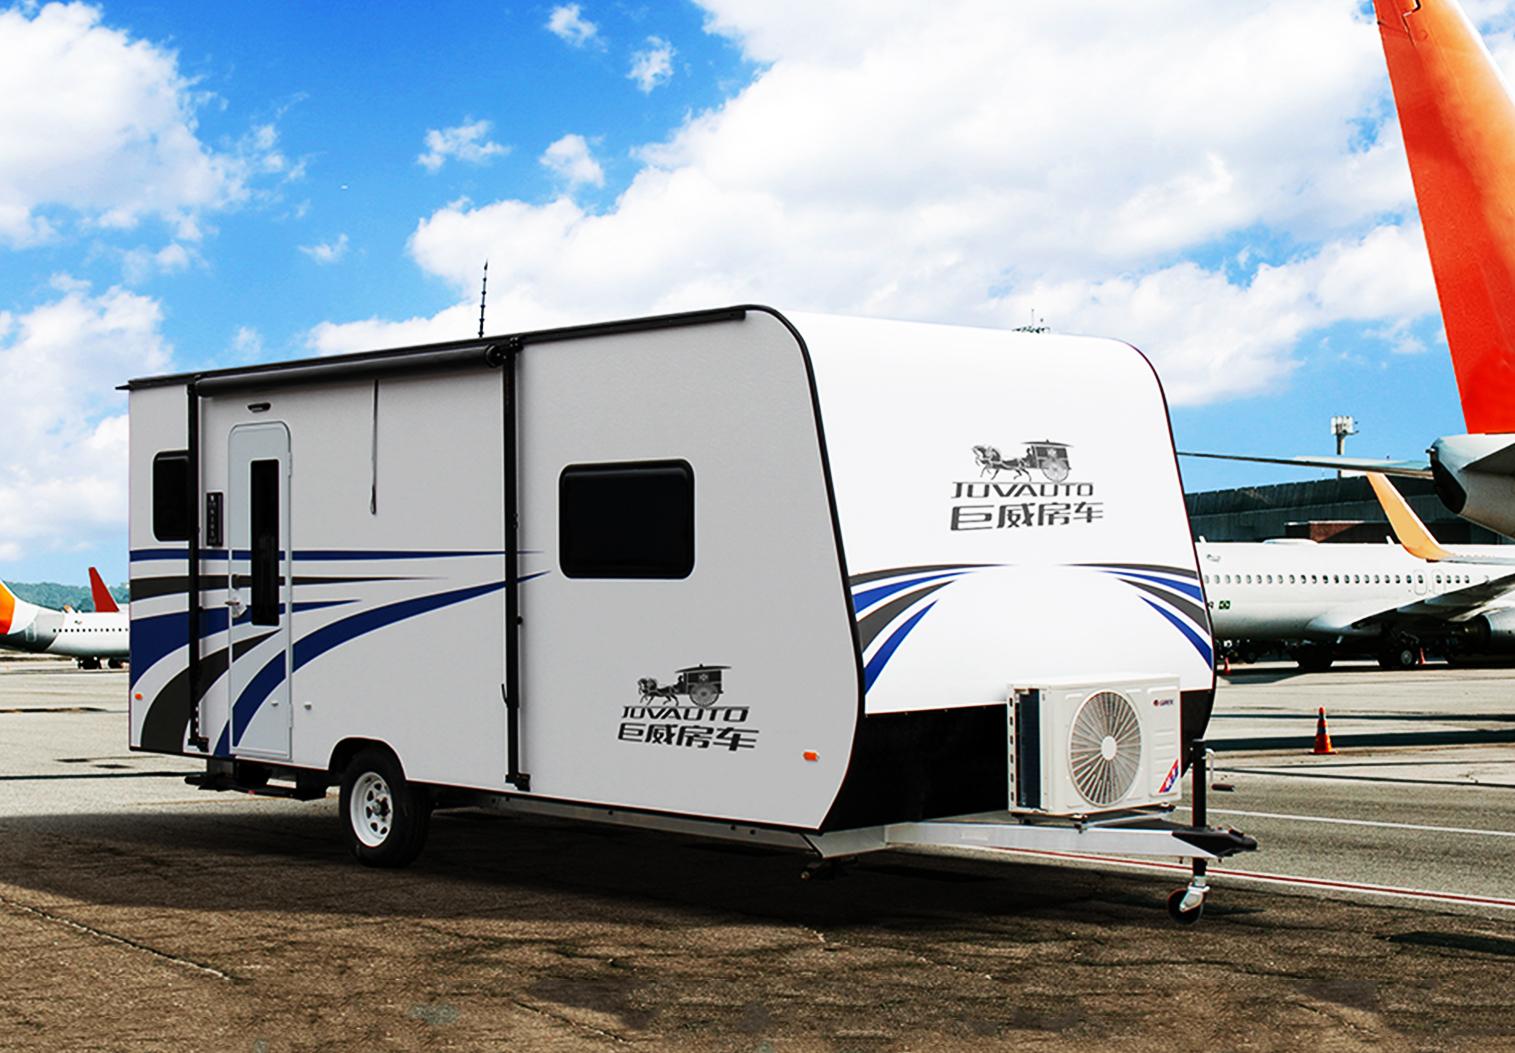 710-美式營地房車